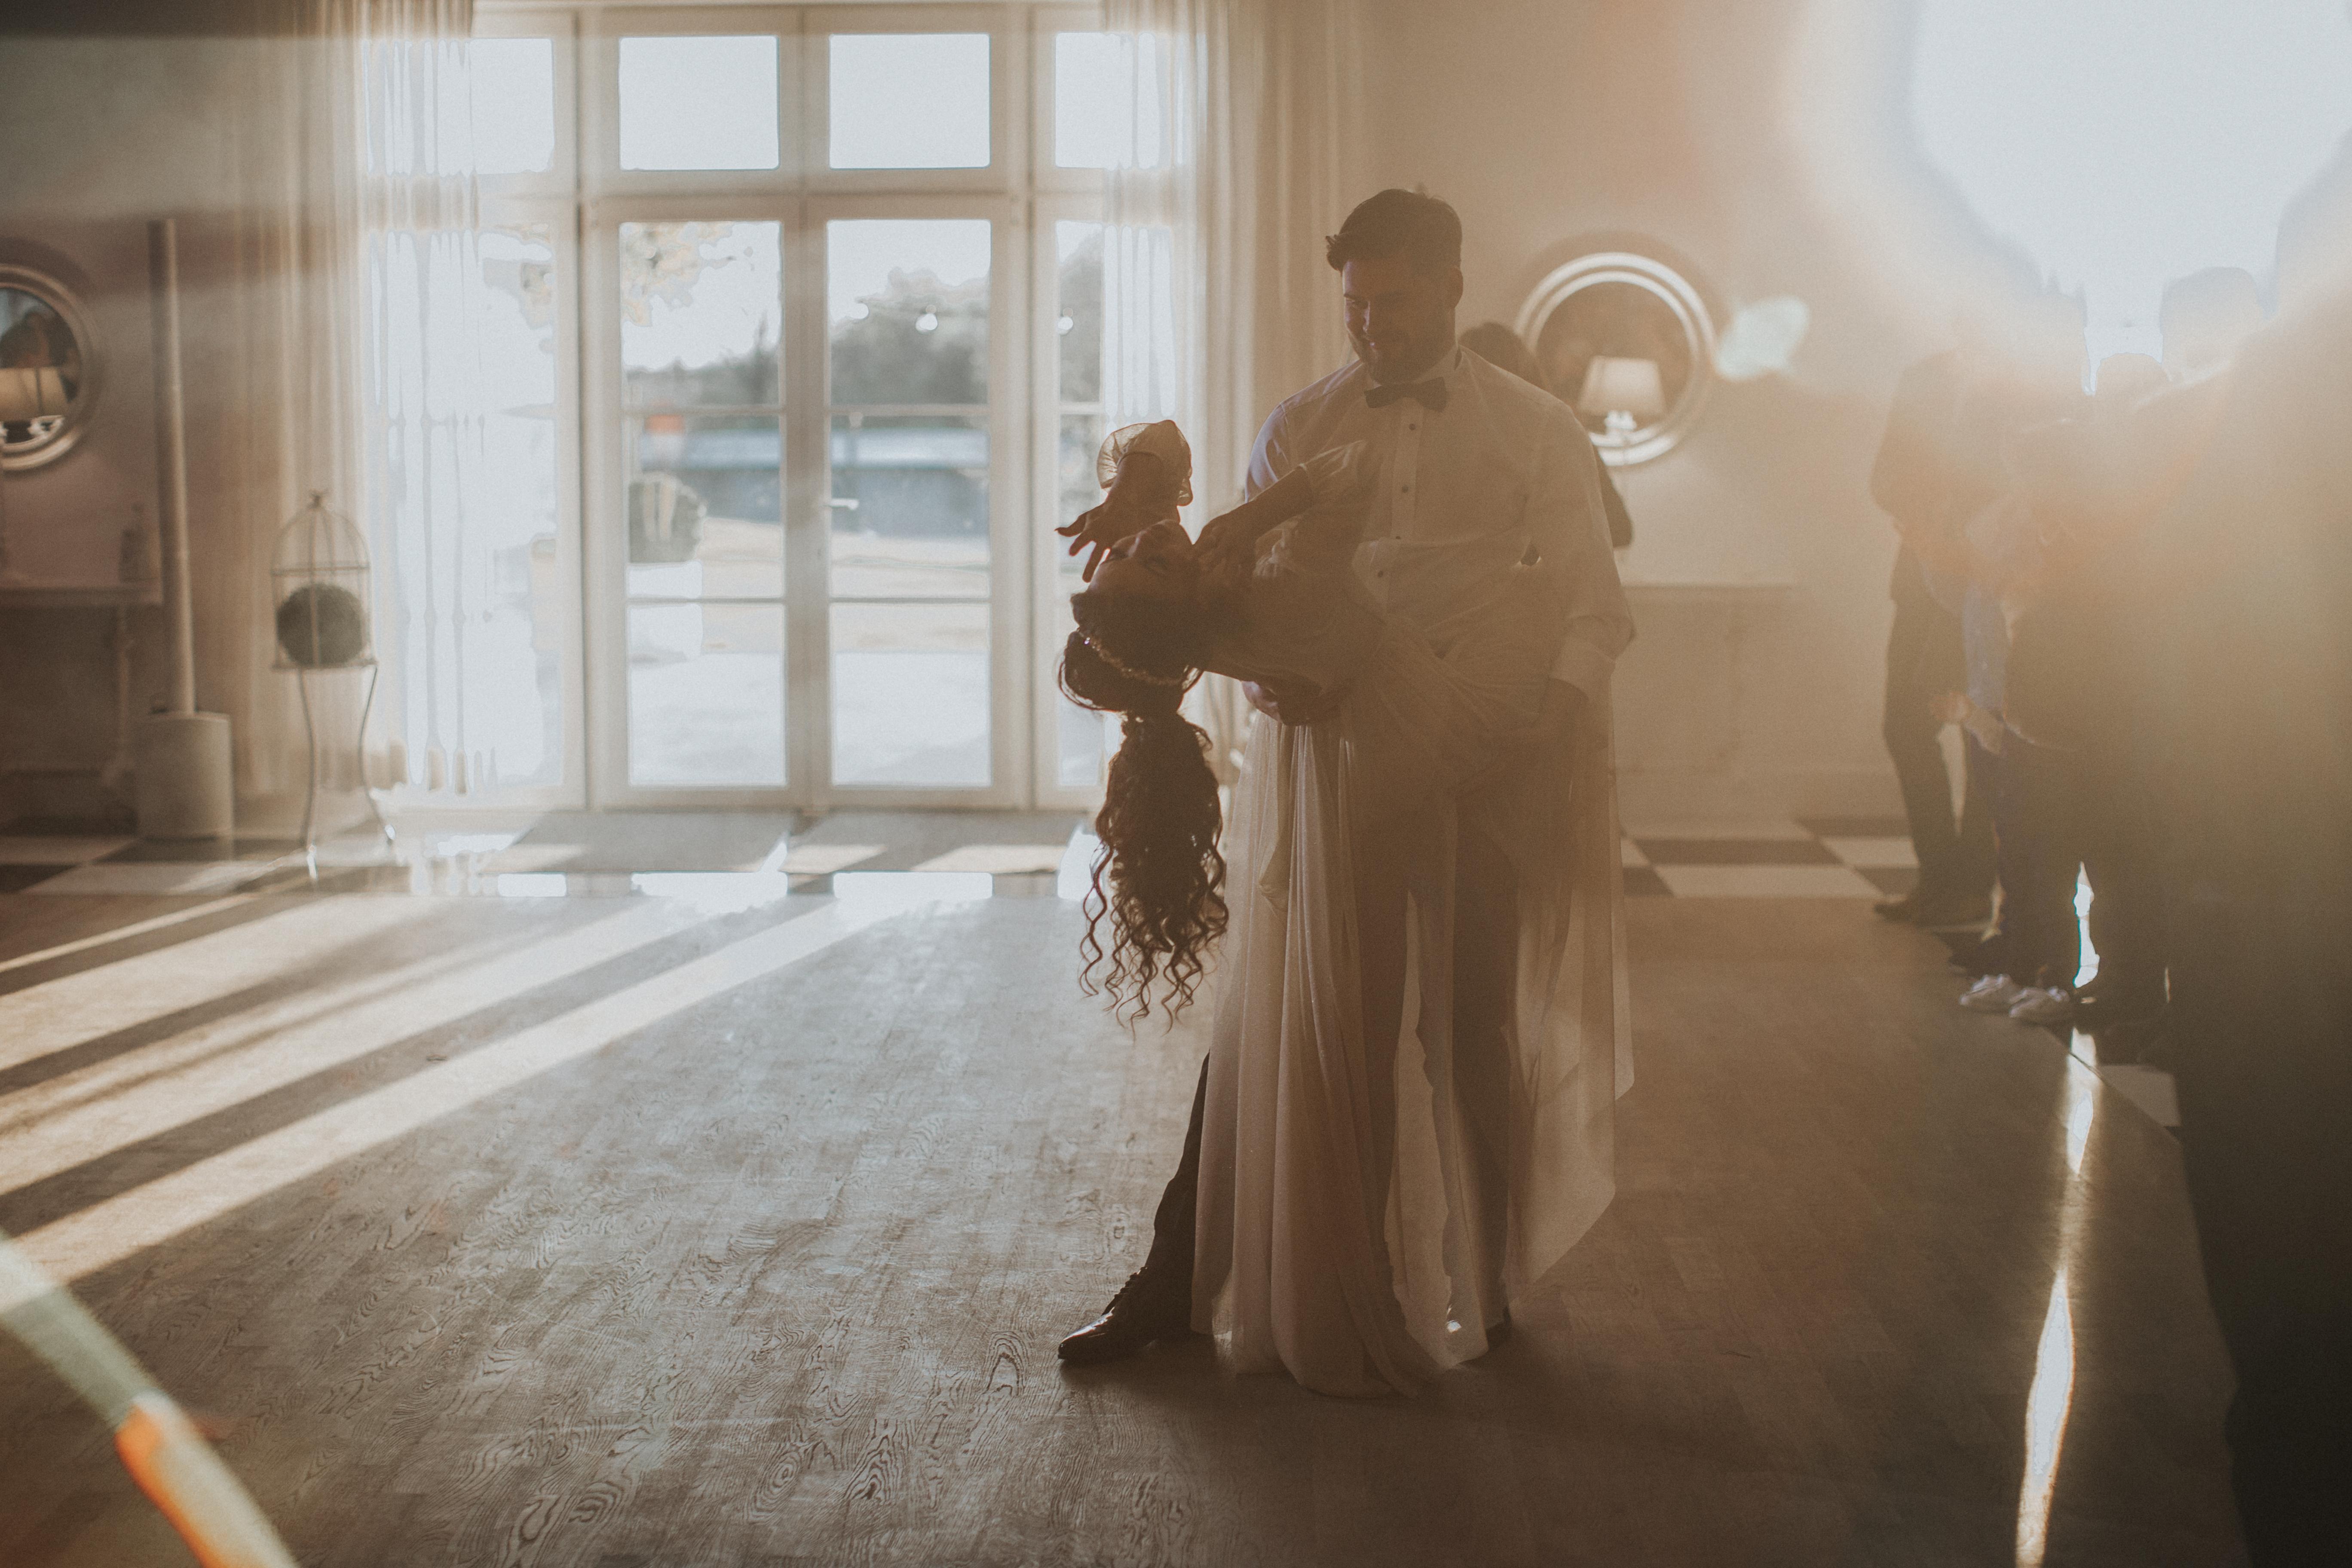 Biorę ślub w 2020, panna młoda, wesele i ślub w Gdańsku, nad morzem